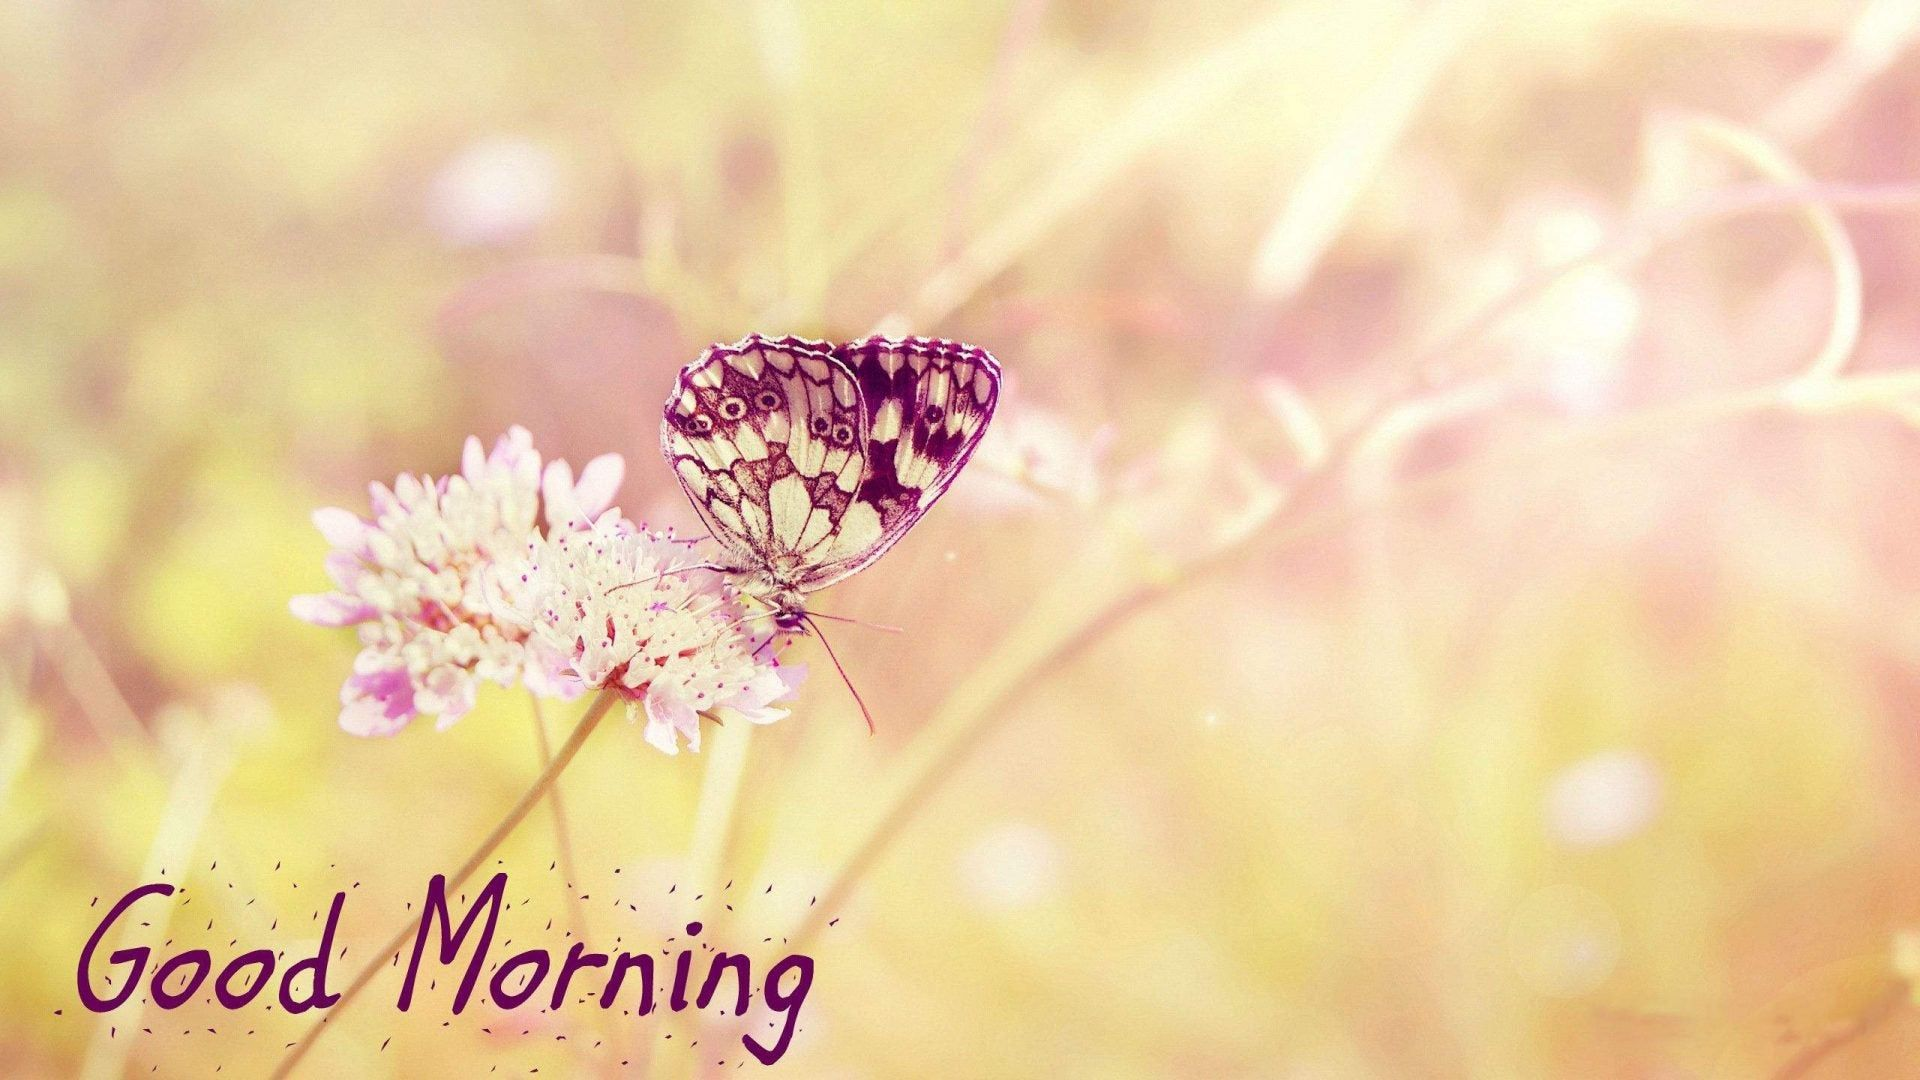 1920x1080 Chào buổi sáng Hình nền đẹp HD [1920 × 1080] : hình nền